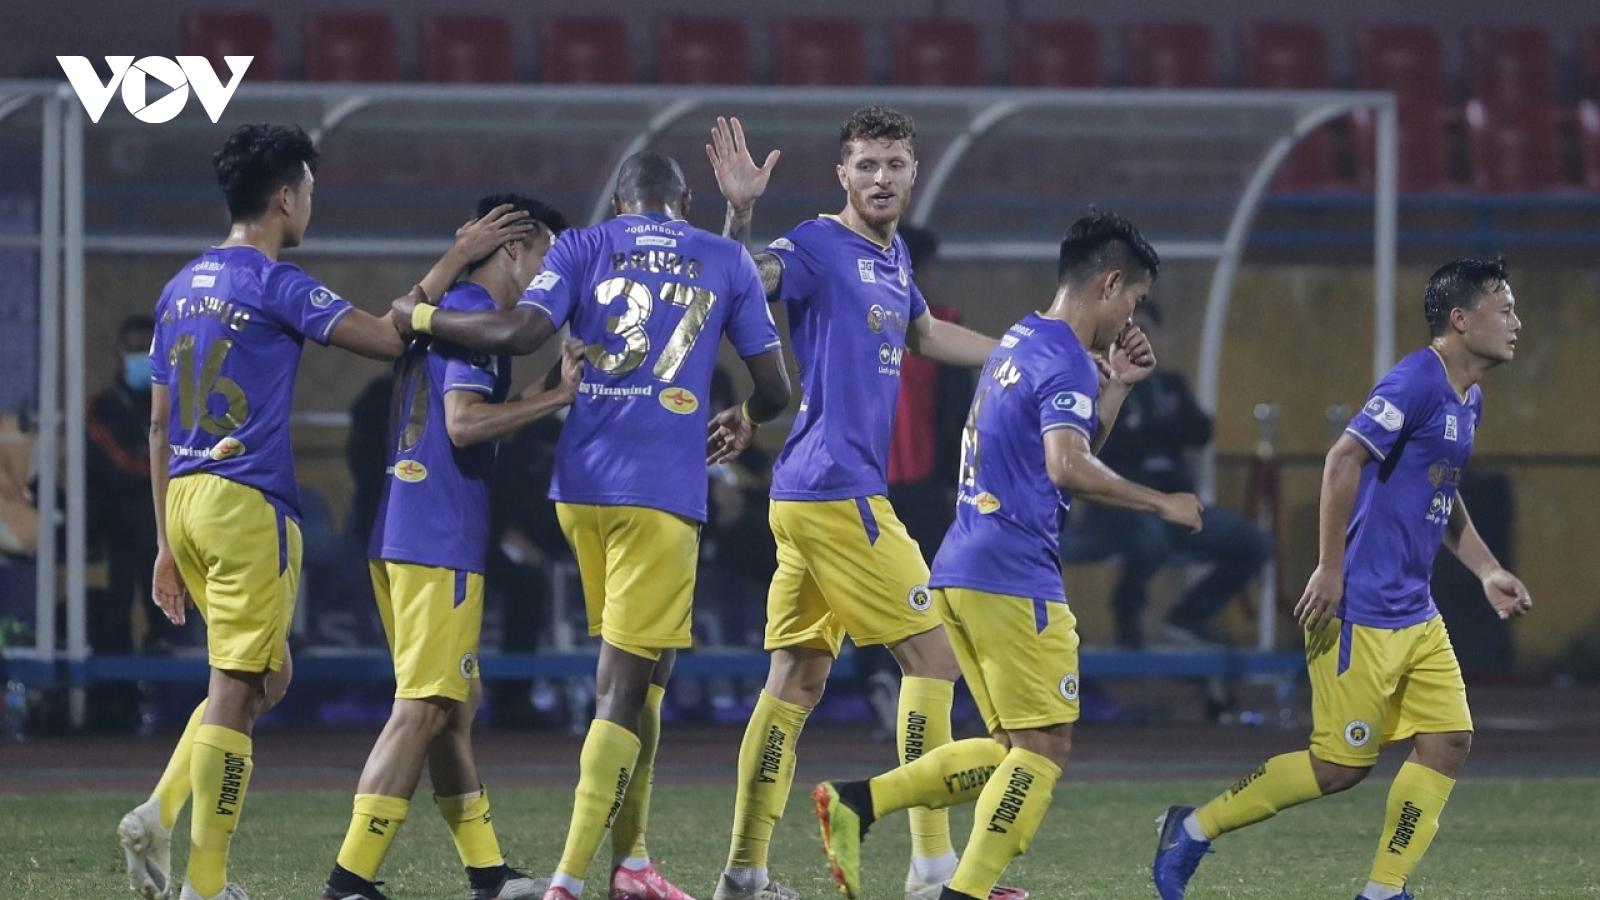 TRỰC TIẾP Hà Nội FC 1-0 Bình Dương: Việt Anh kiến tạo, Geovane lập công